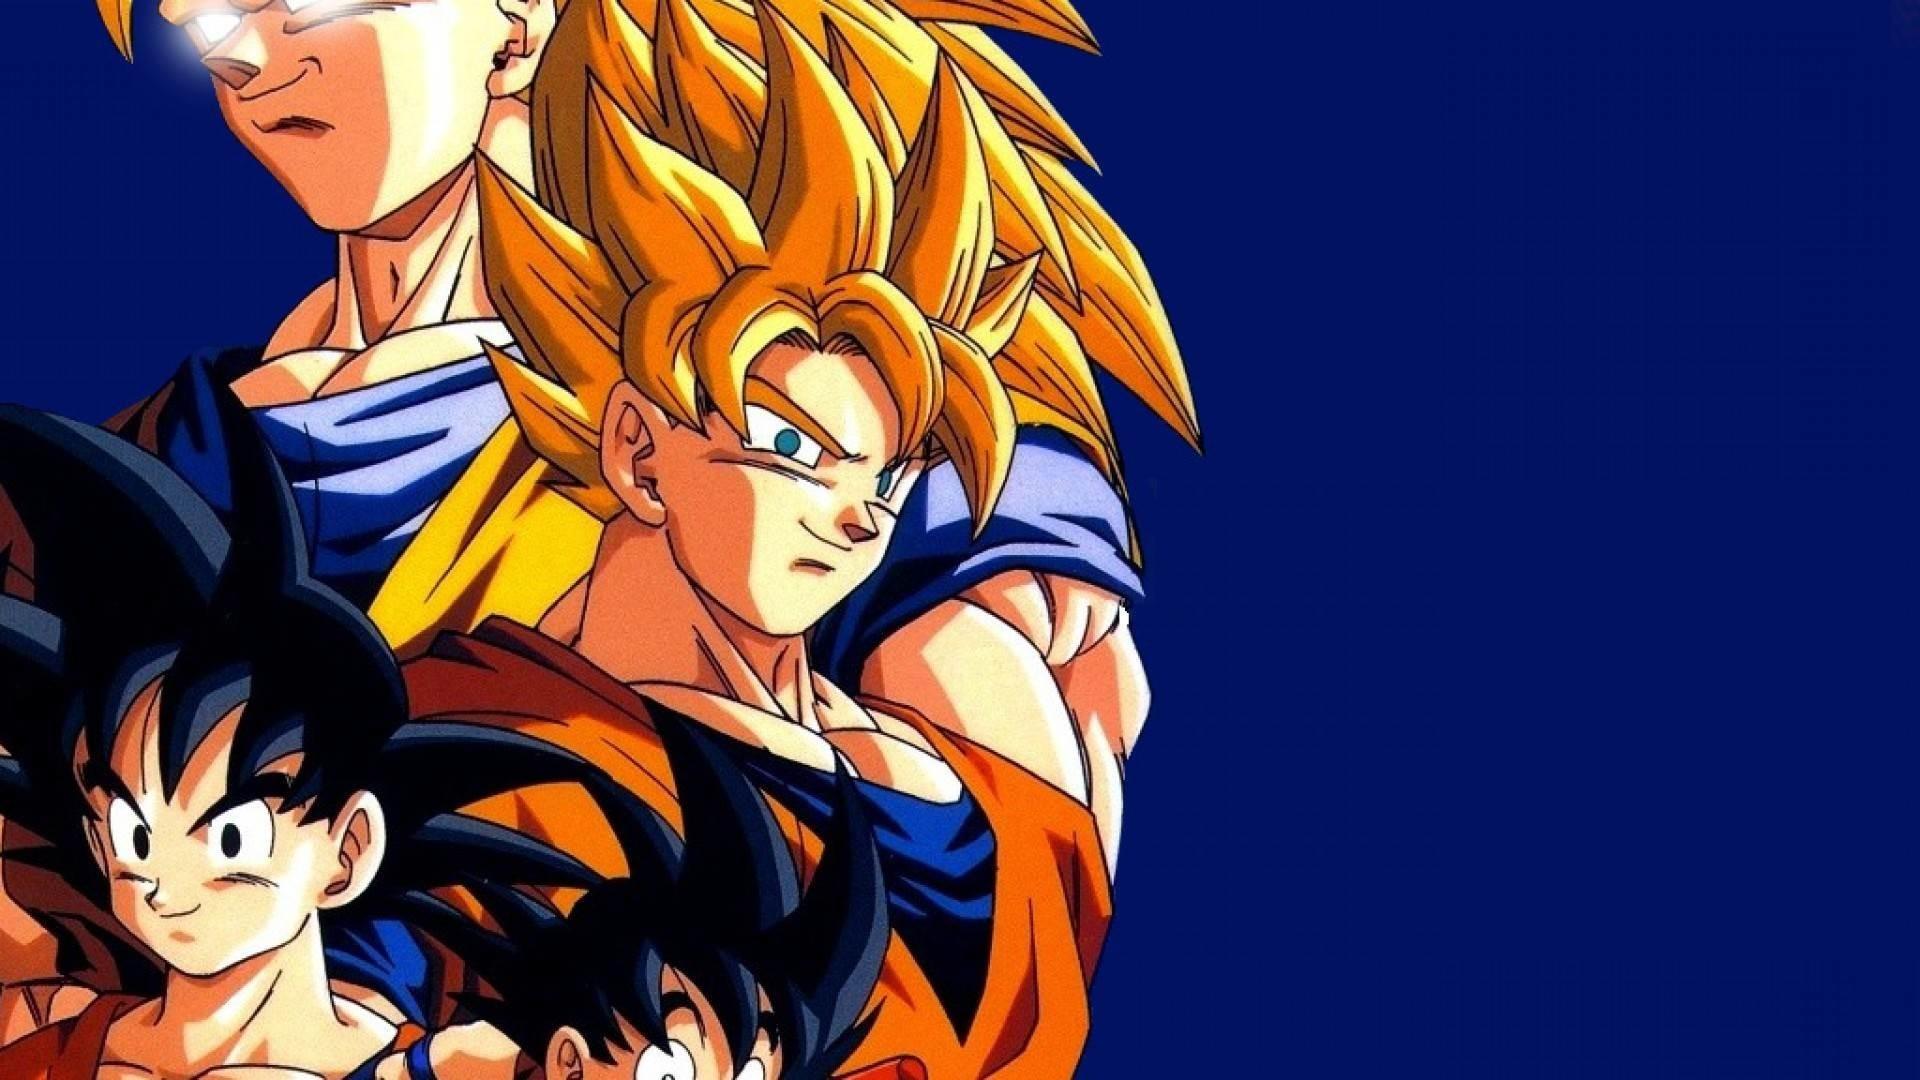 Super Saiyan Goku Wallpaper Hd HDWallpaper.net 1920×1080